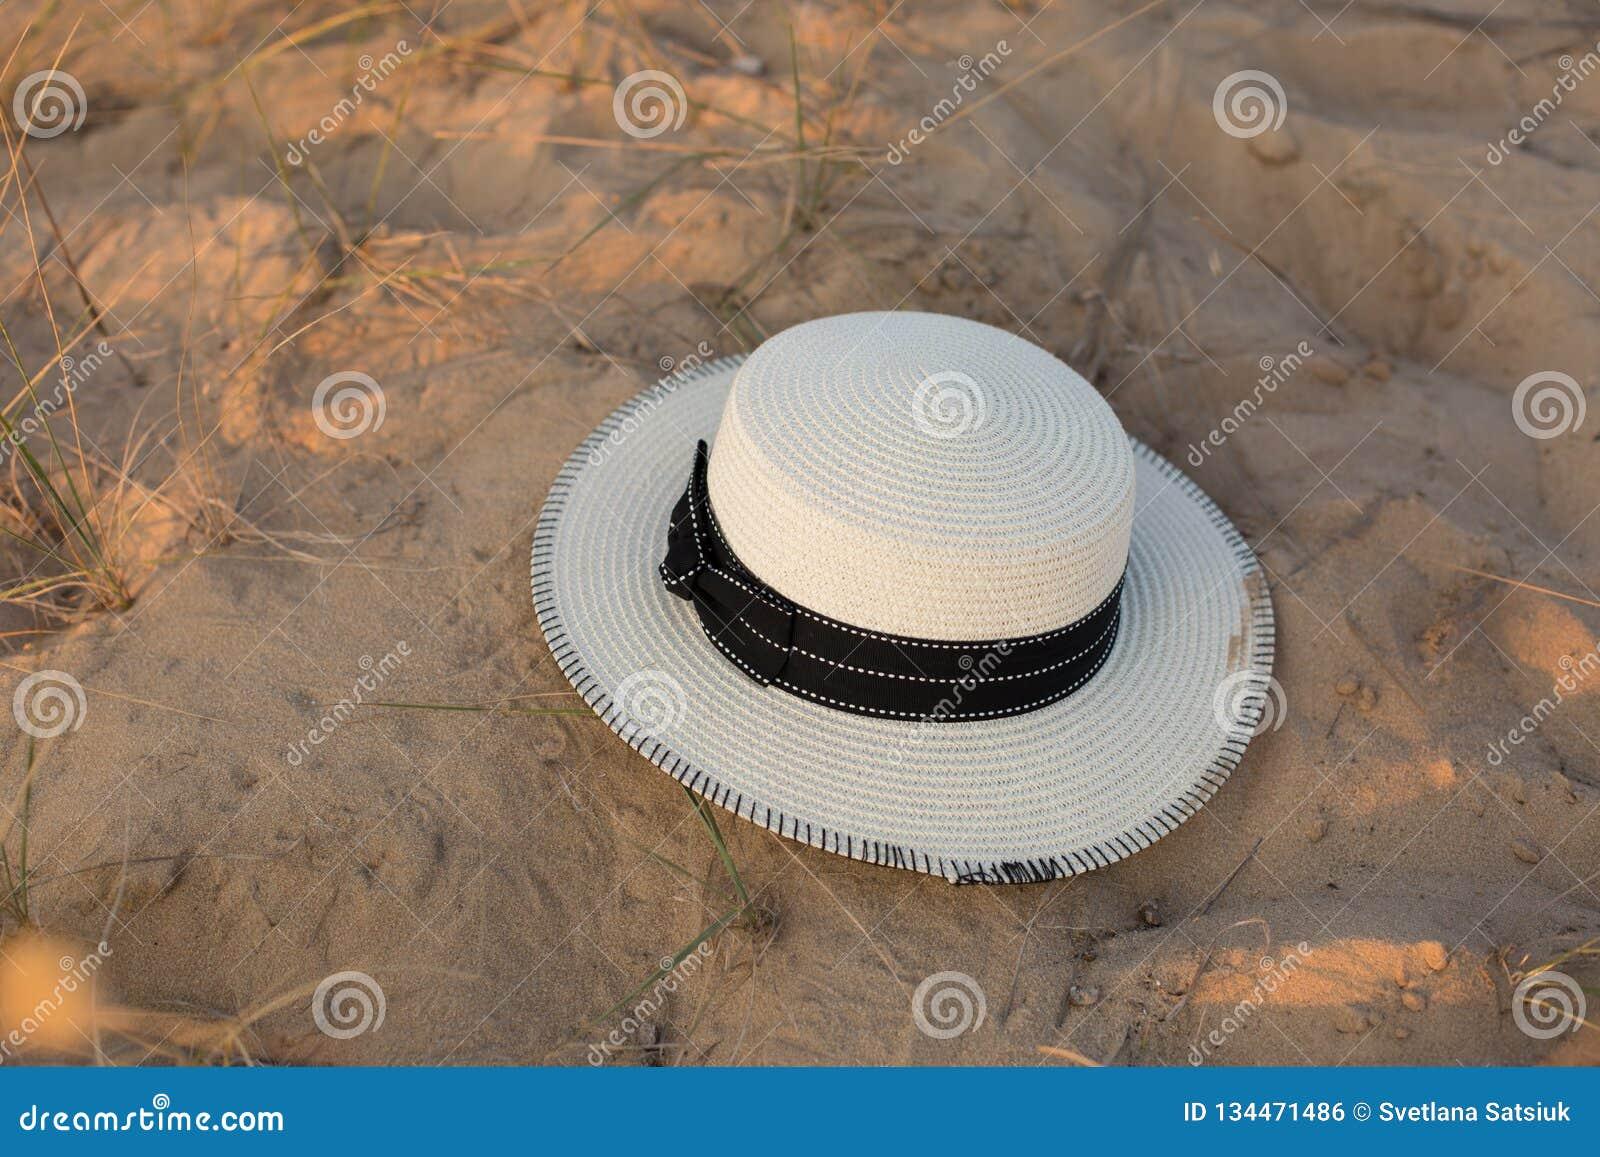 Καπέλο στην άμμο απομονωμένο λευκό αχύρου μονοπατιών ψαλιδίσματος ανασκόπησης καπέλο Άμμος Καλοκαίρι